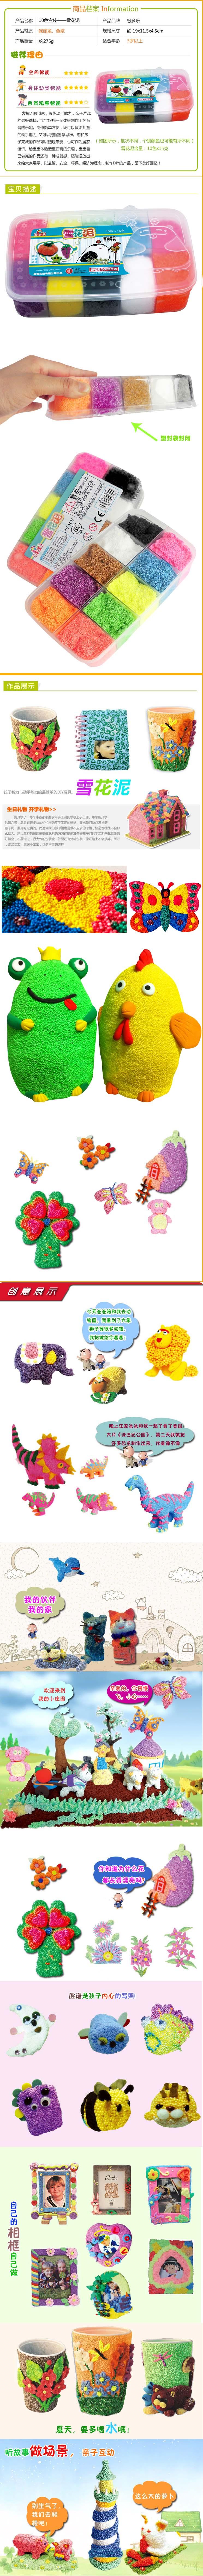 纷多乐 10色雪花泥 珍珠颗粒粘土3d彩泥套装 宝宝益智玩具